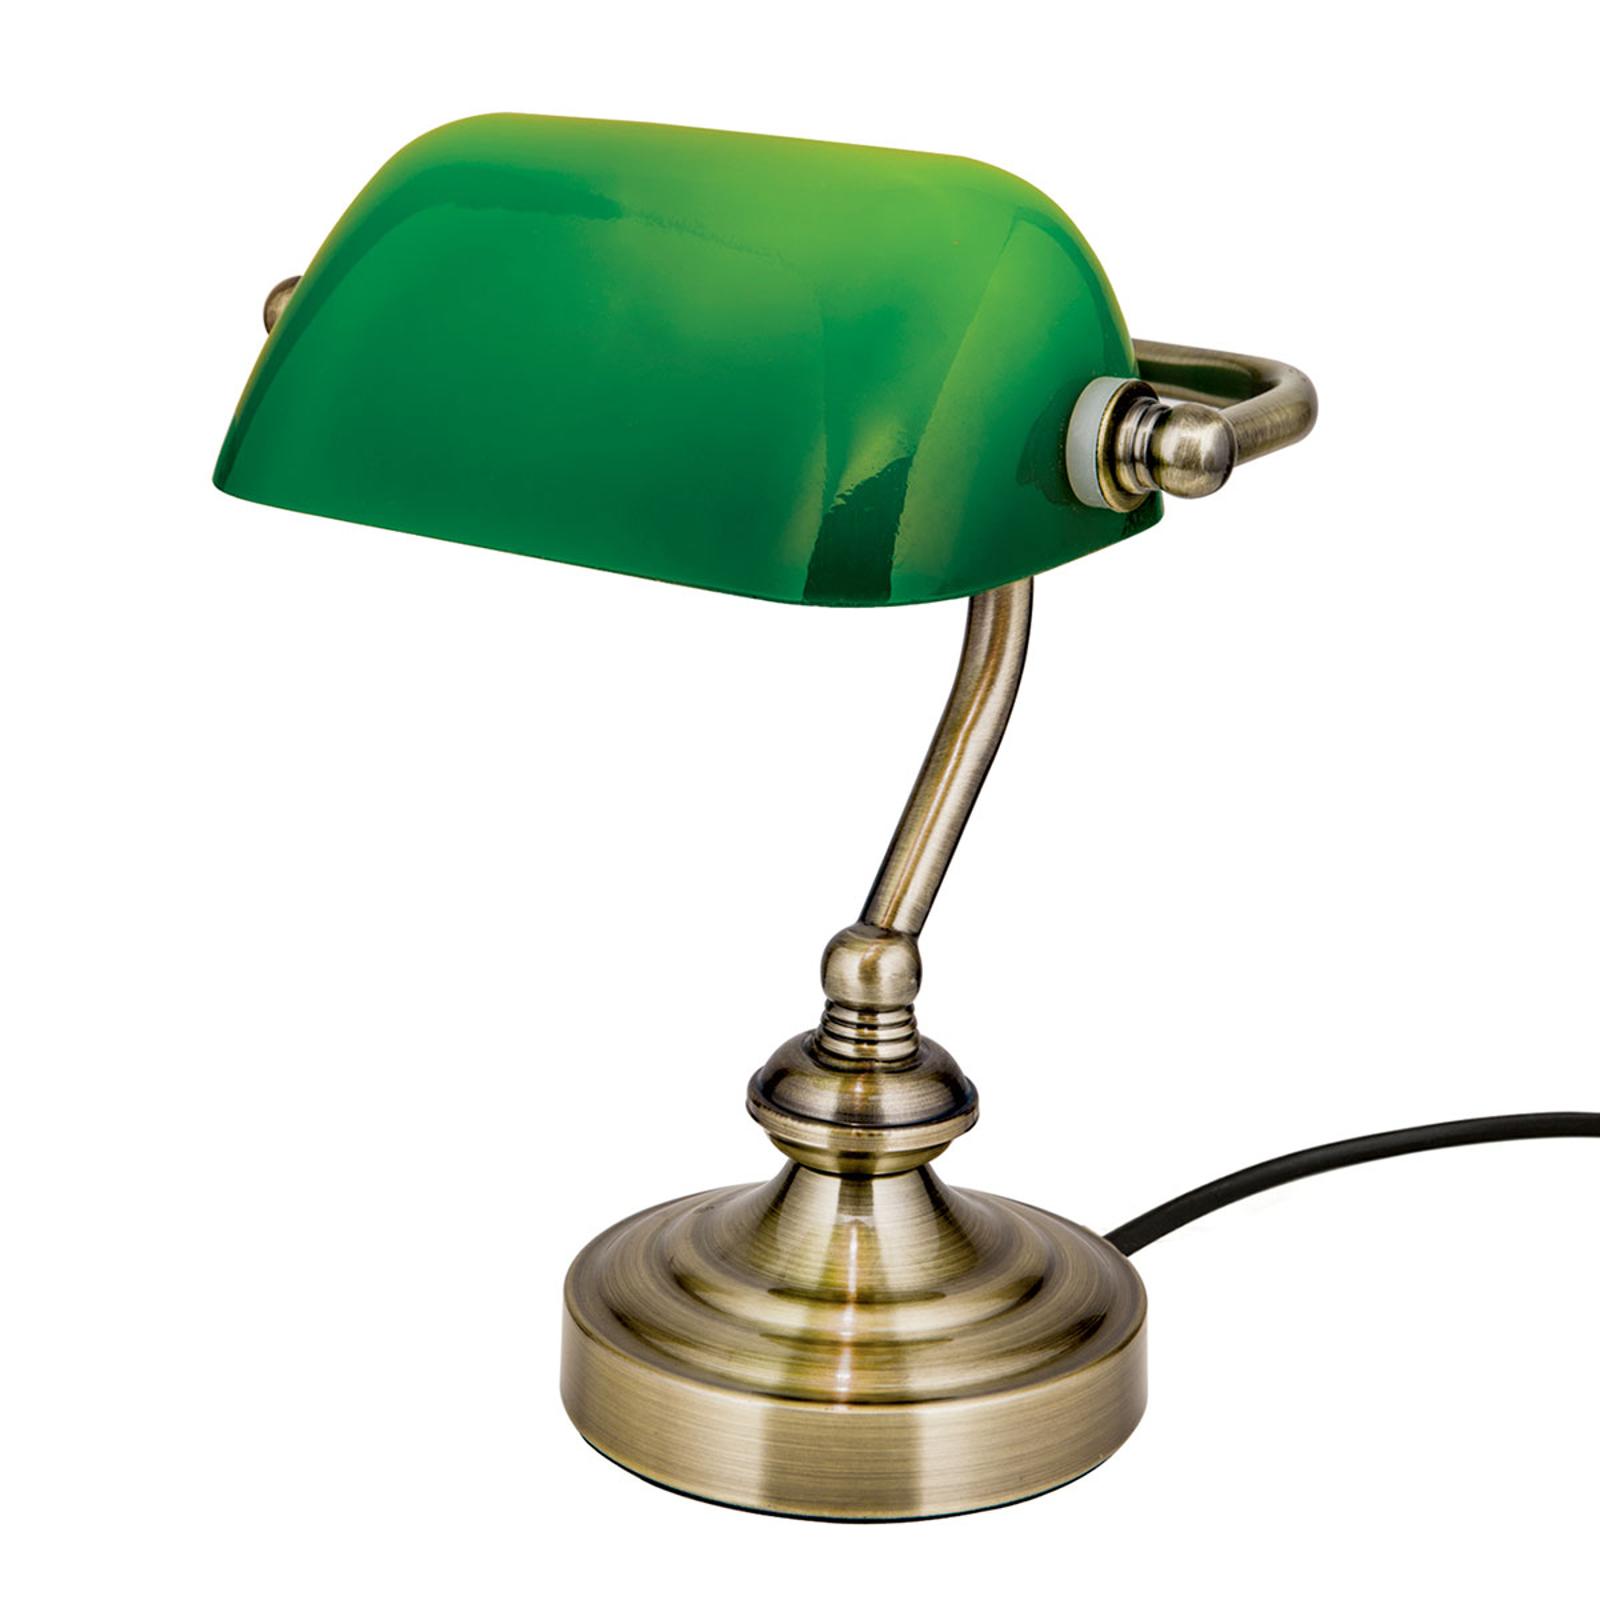 Zora-pankkiirivalaisin vihreällä lasivarjostimella